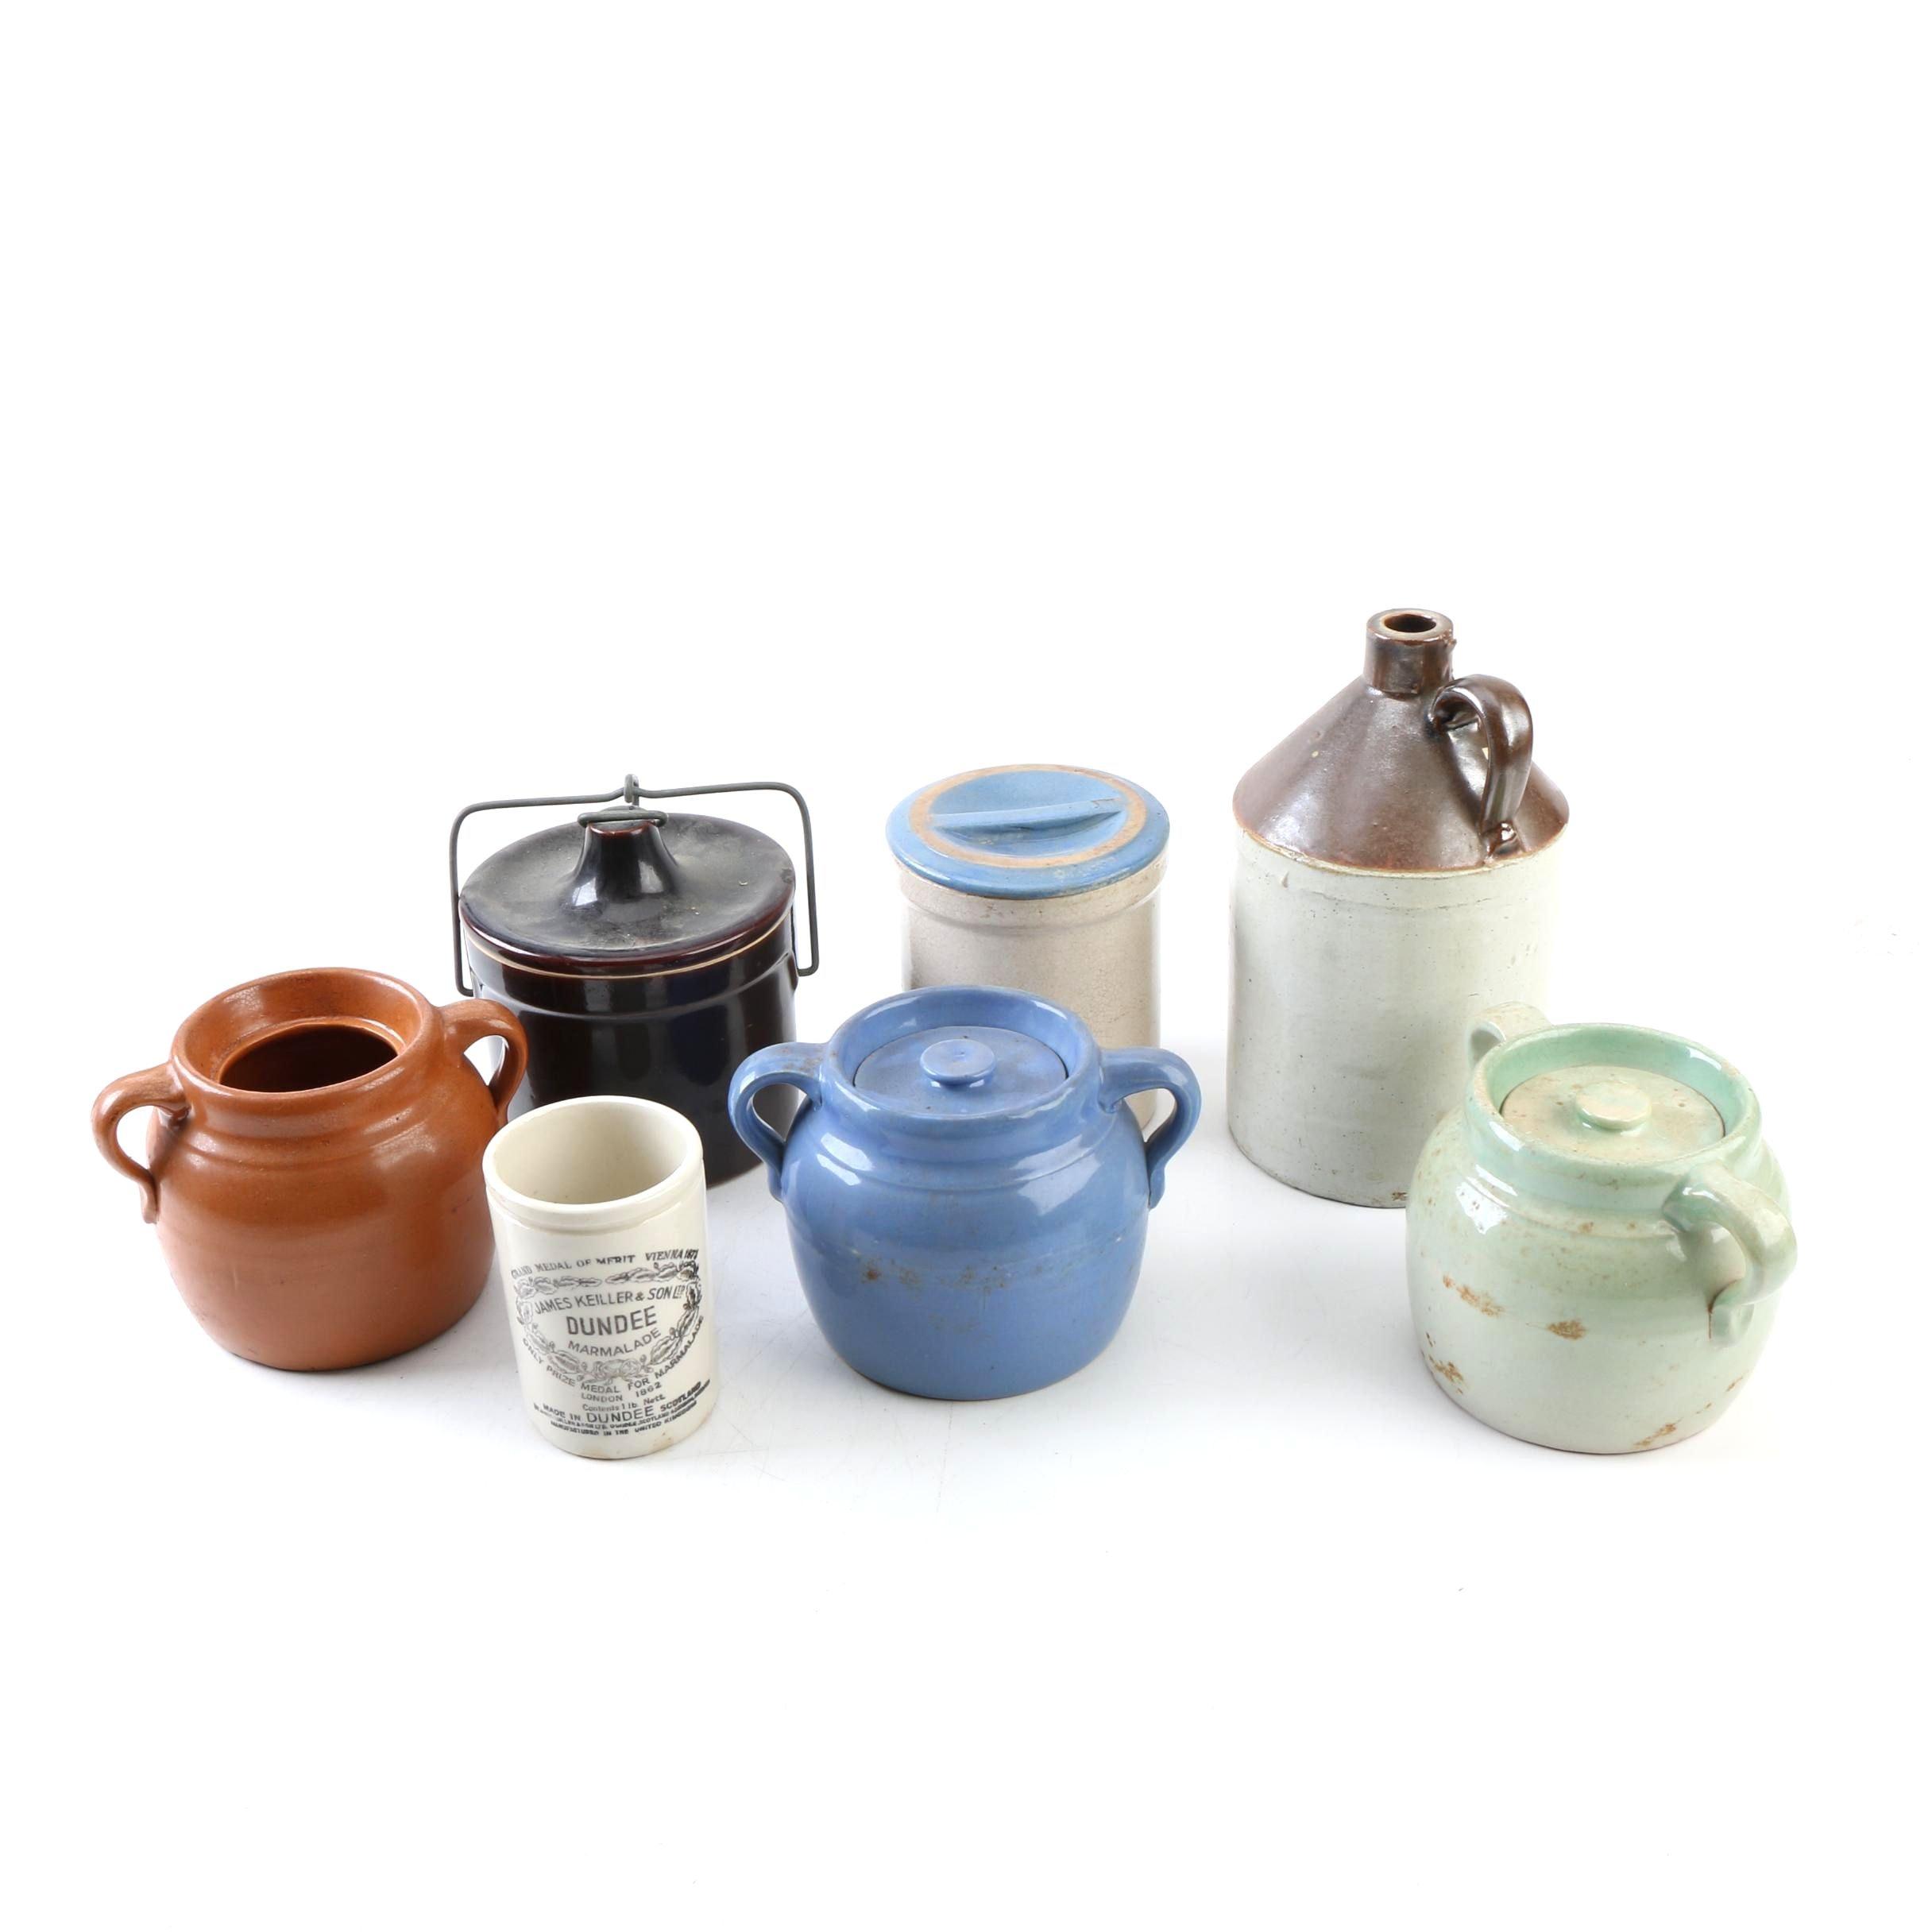 Vintage Stoneware Kitchenware including UHL Stoneware Crock